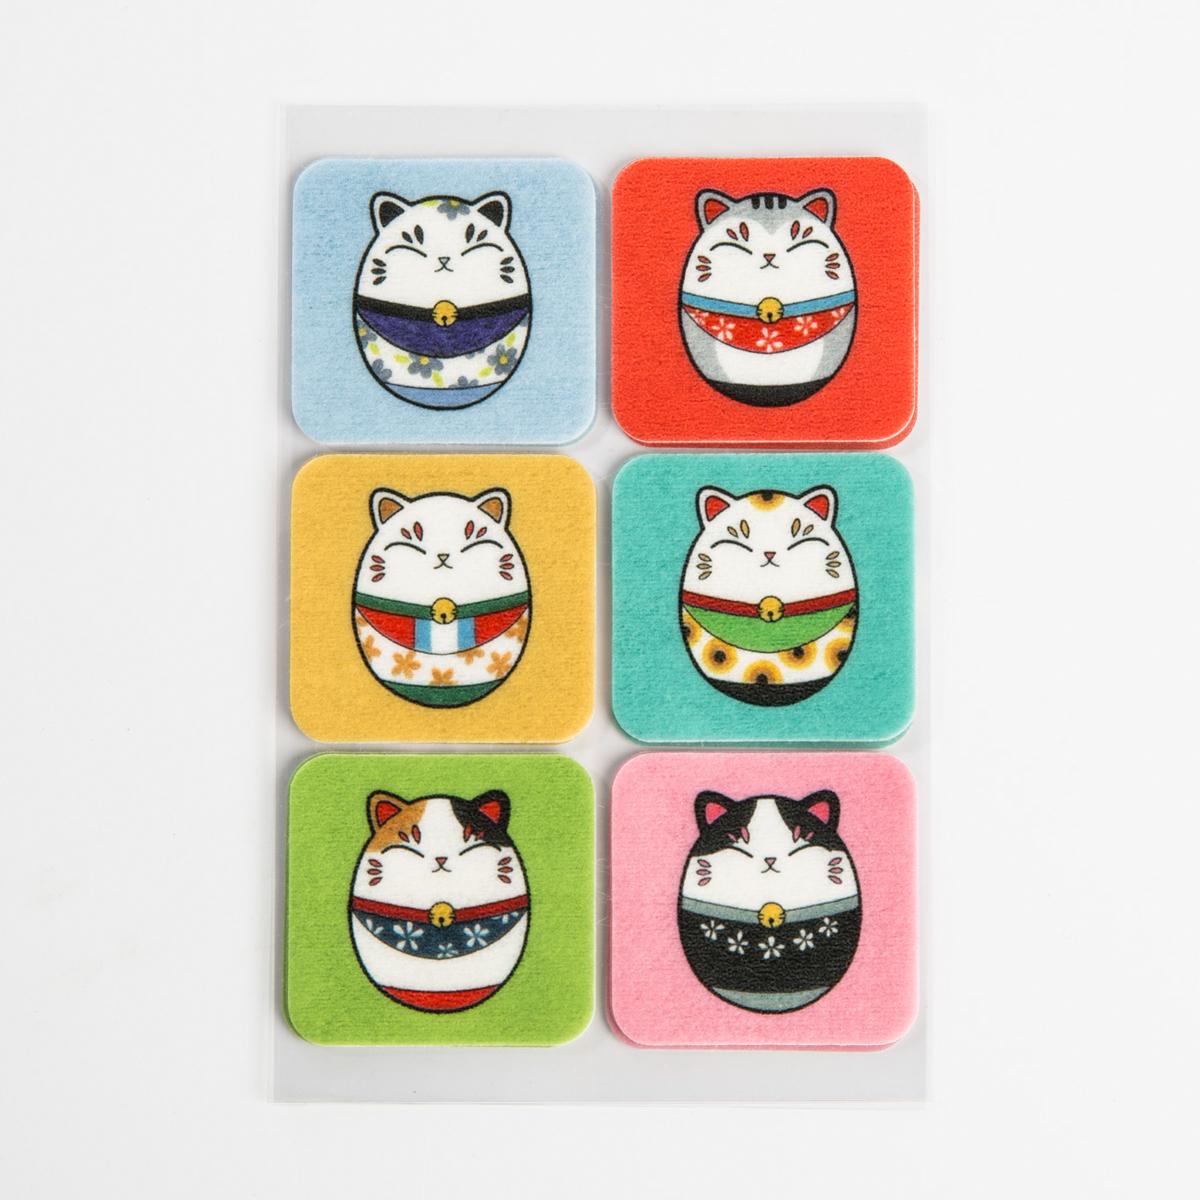 韩国原产summerpatch卡通驱蚊贴防蚊贴多彩瓷娃娃 18枚